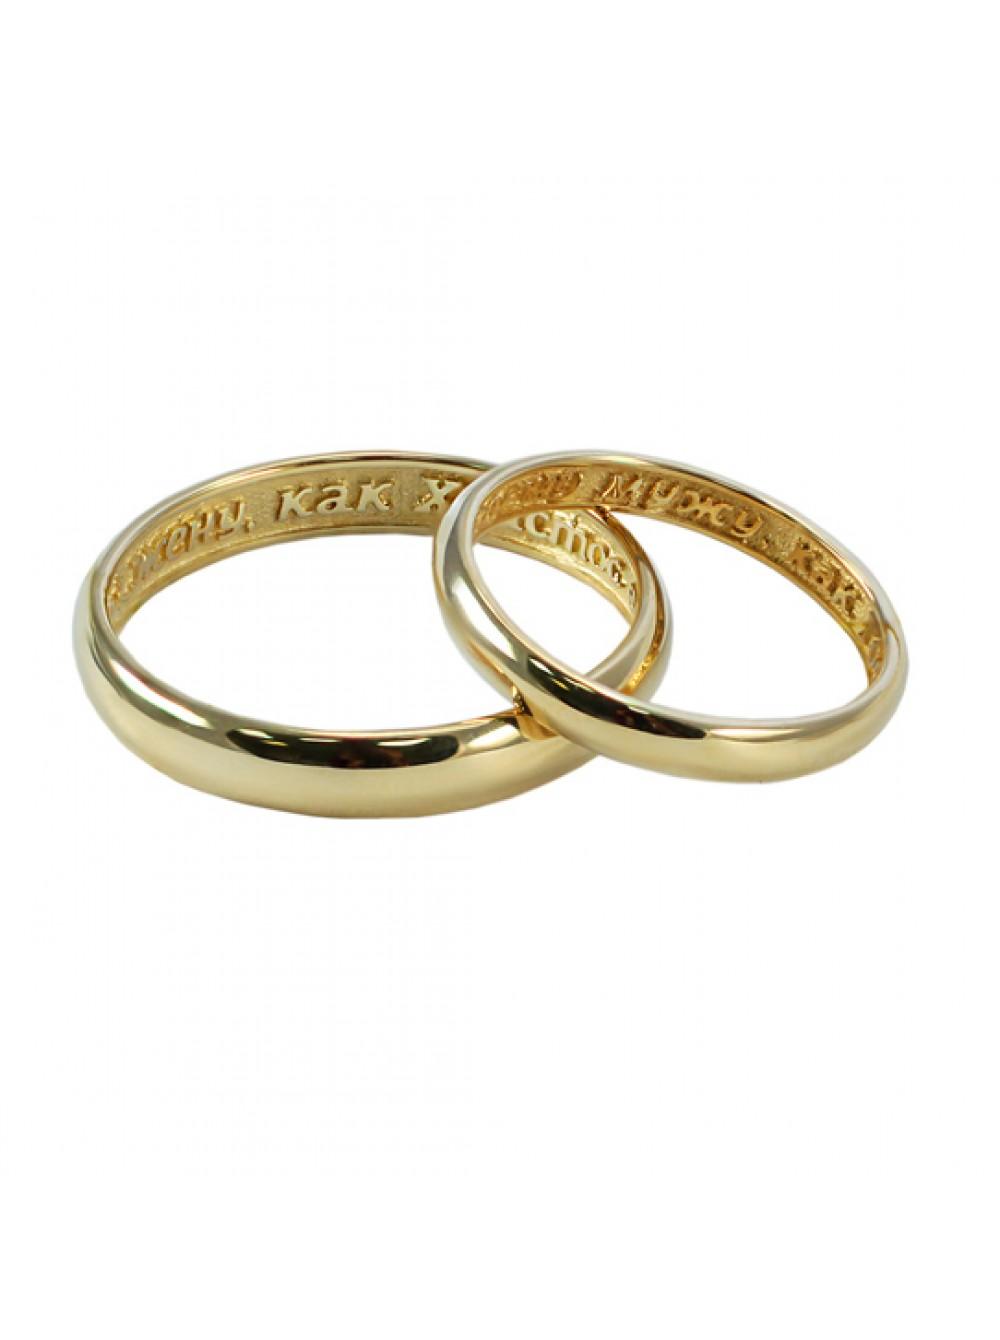 варианты украшения кольца для венчания фото единственная